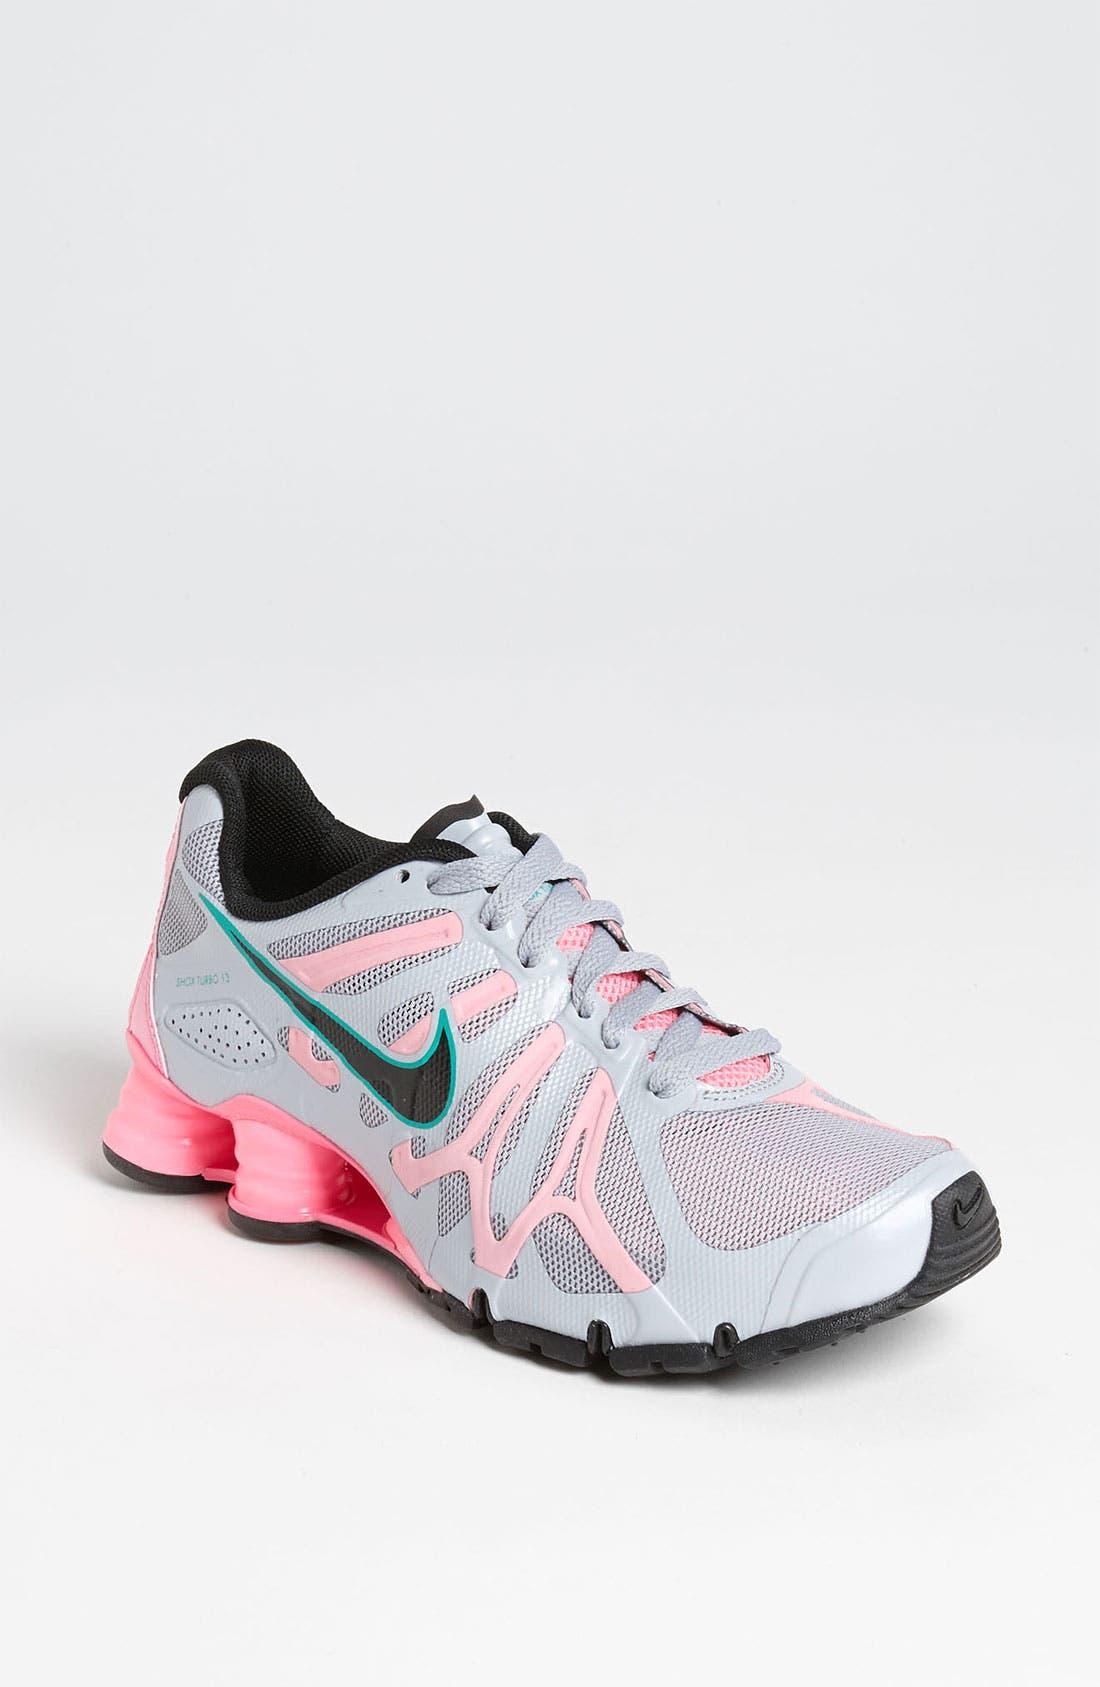 Main Image - Nike 'Shox Turbo+ 13' Running Shoe (Women)